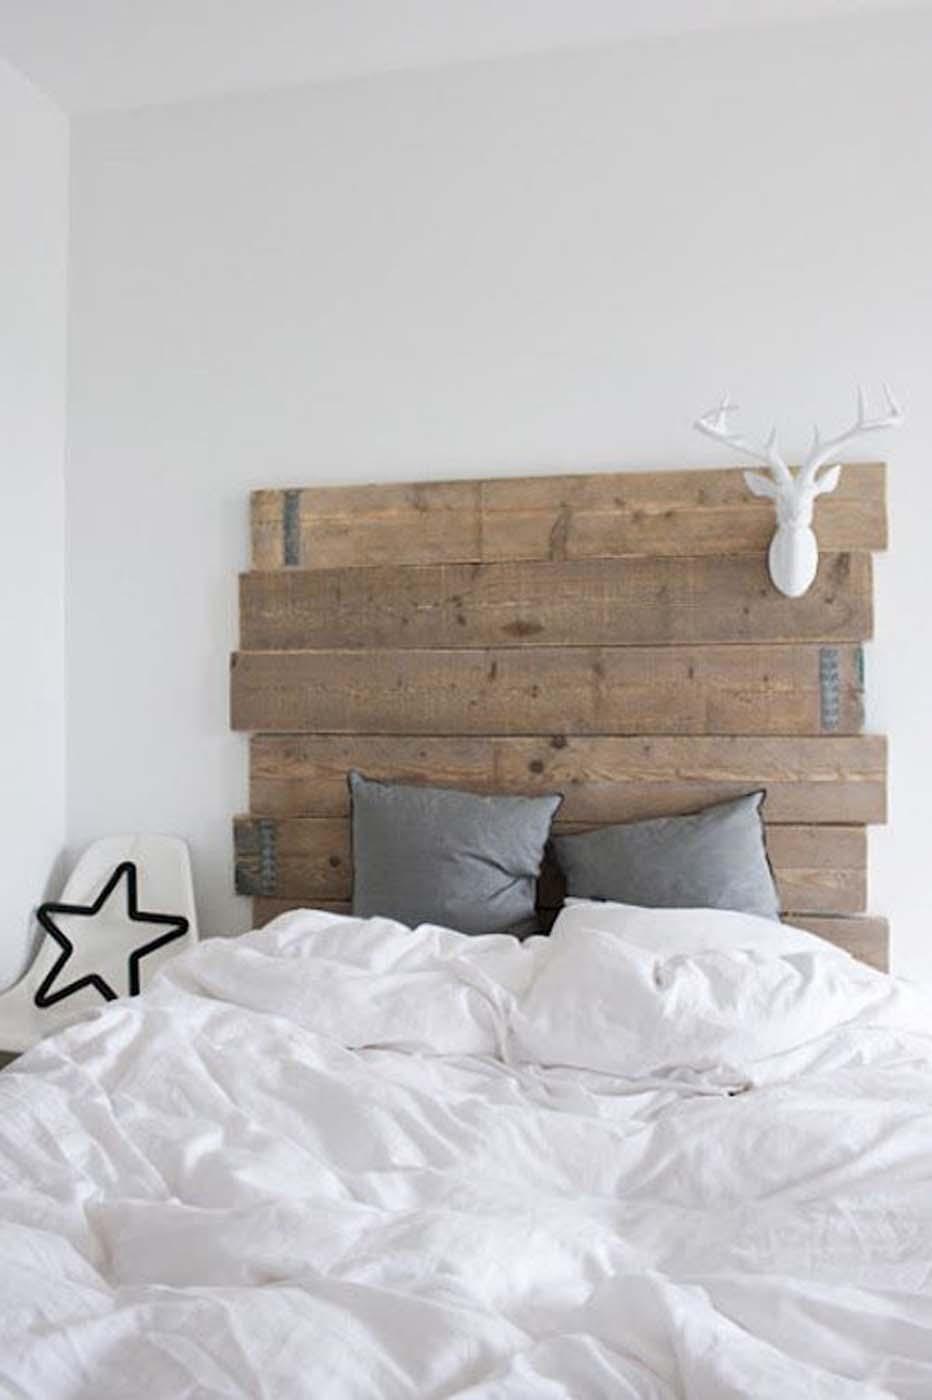 Lit Pour Chien Palette femina | la palette en bois pour décorer son chez-soi